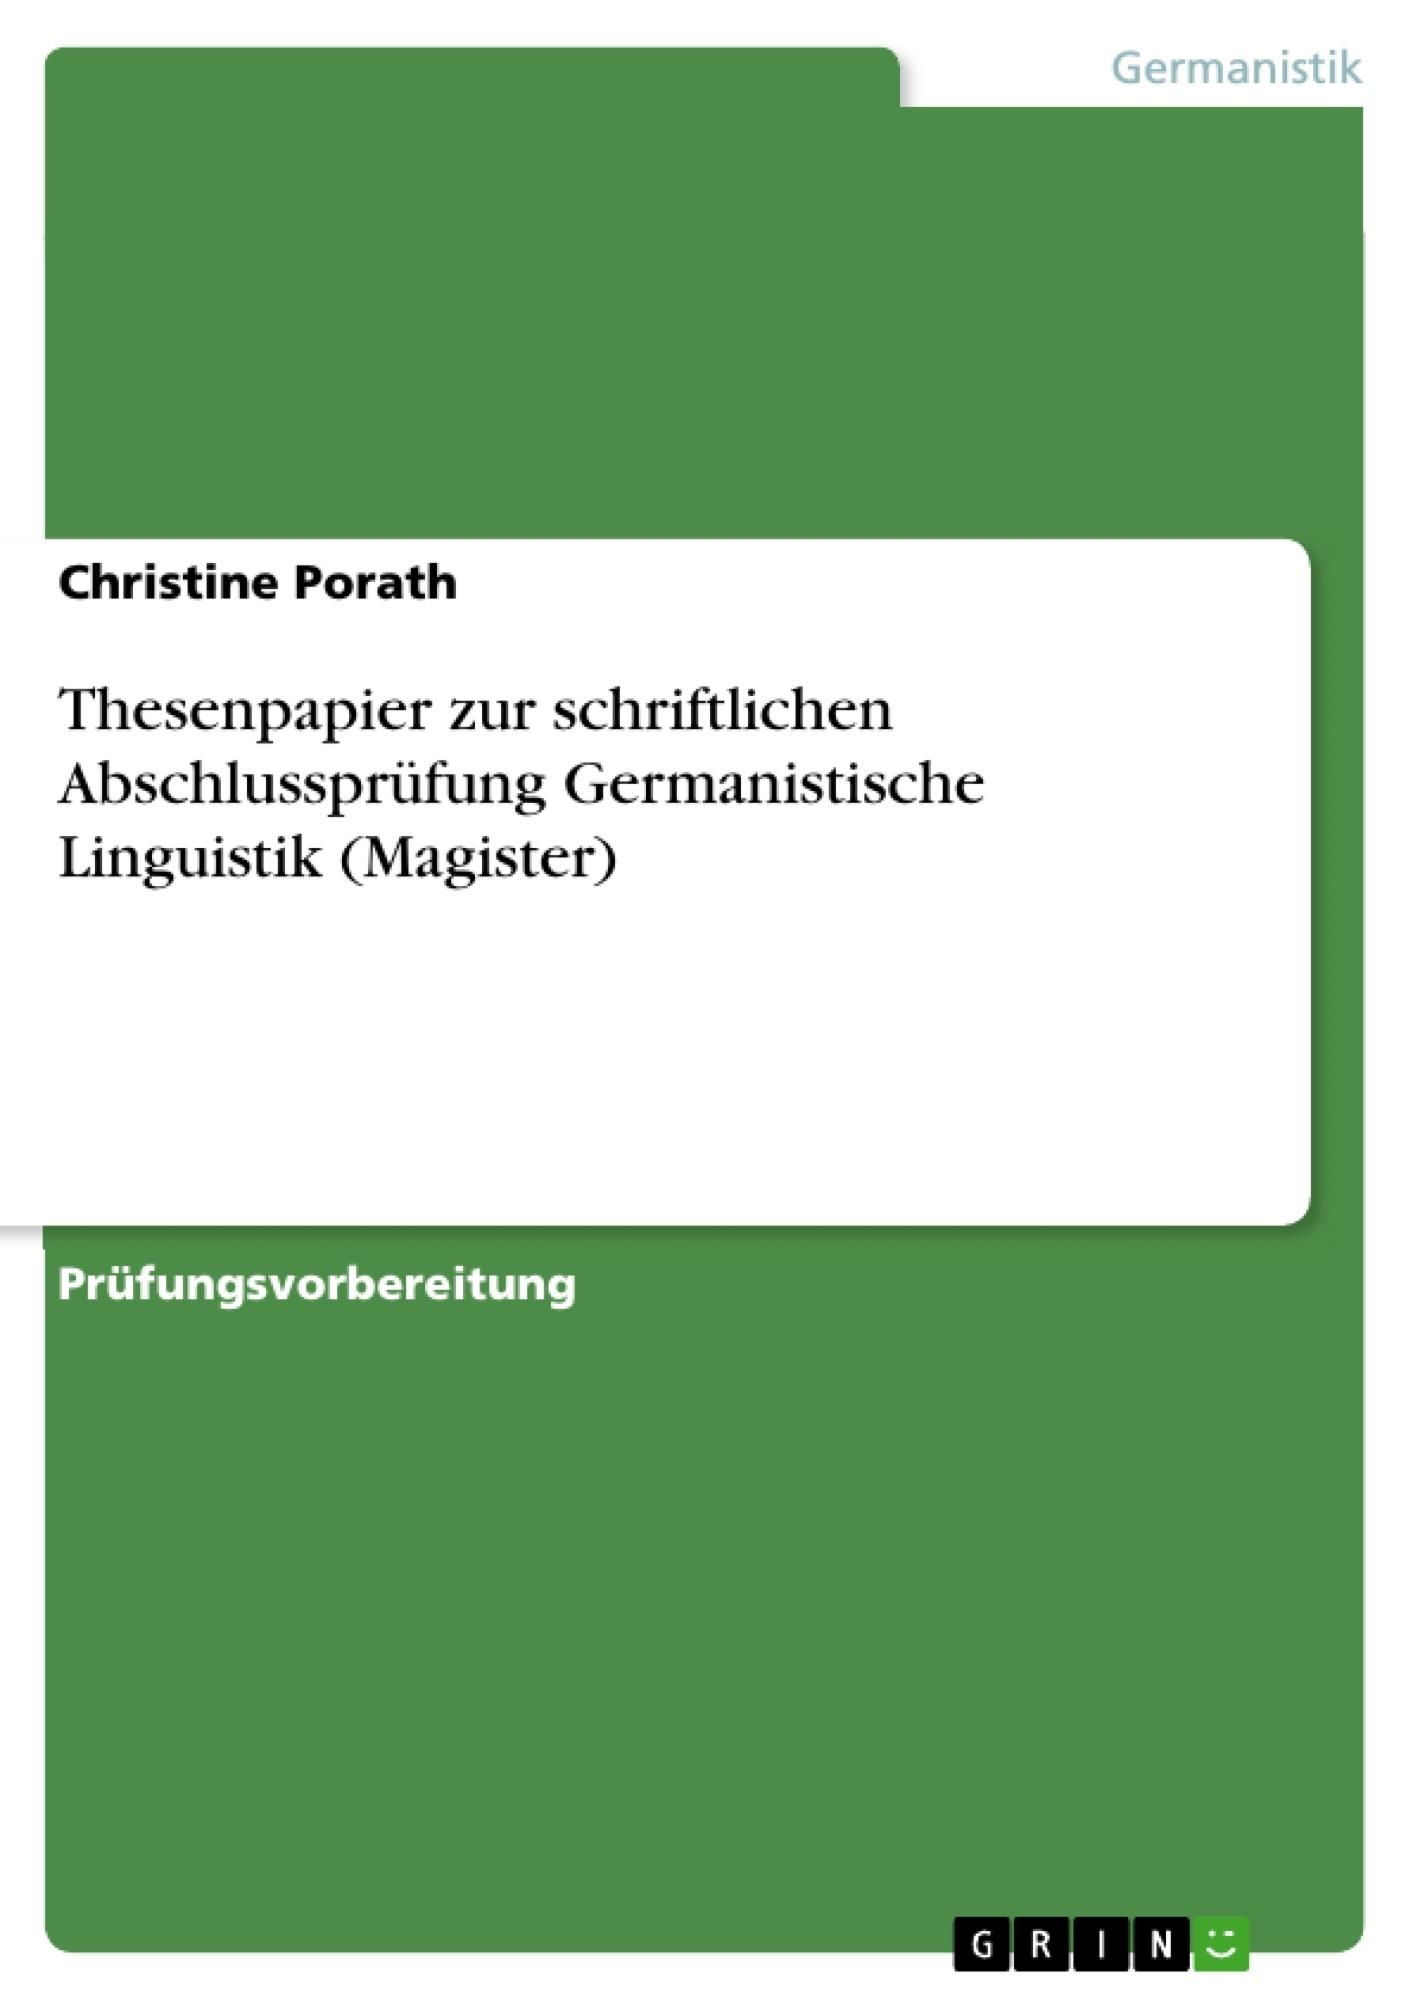 Titel: Thesenpapier zur schriftlichen Abschlussprüfung Germanistische Linguistik (Magister)